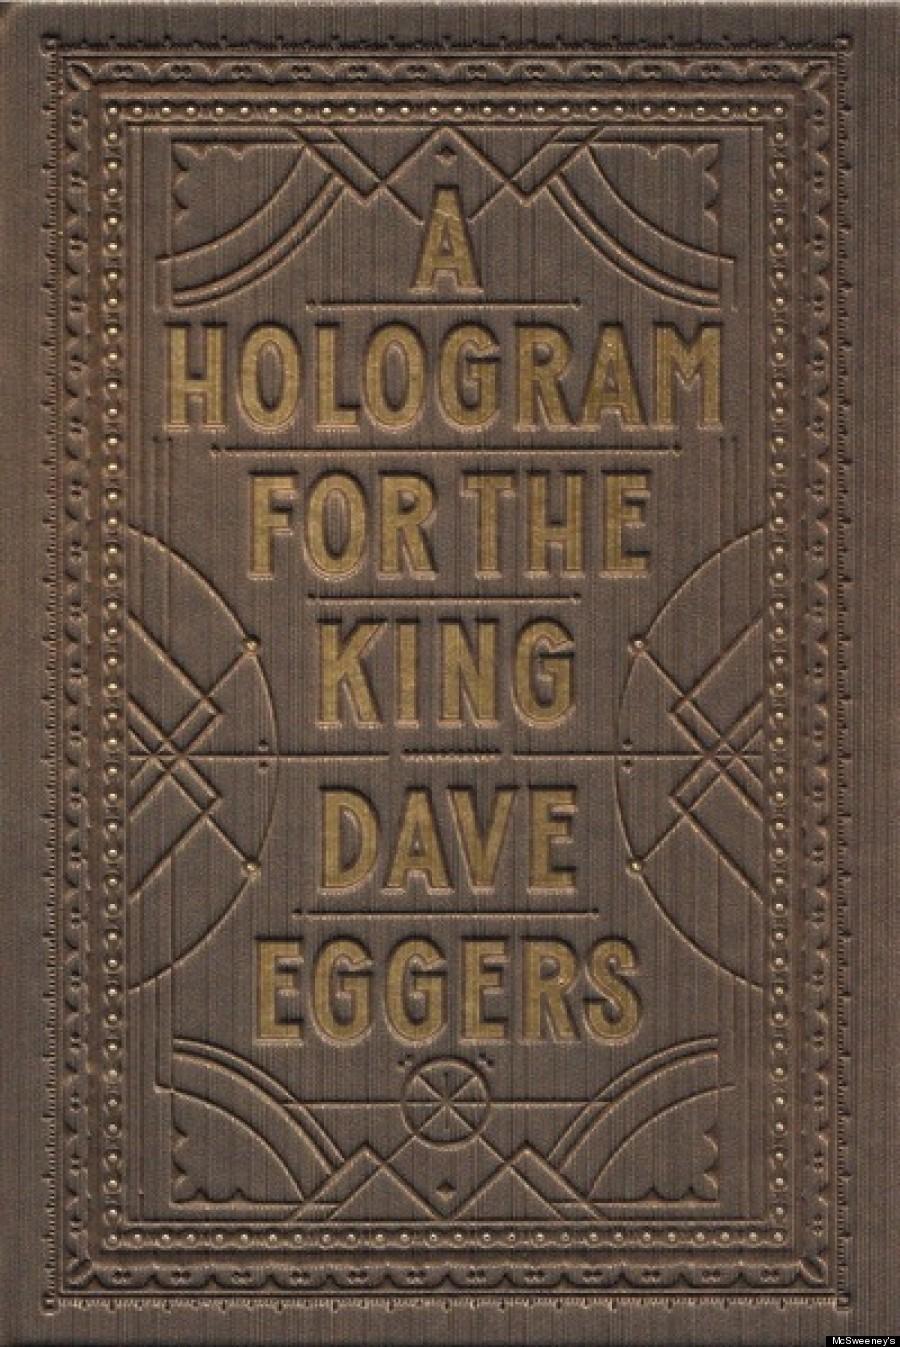 dave eggers book